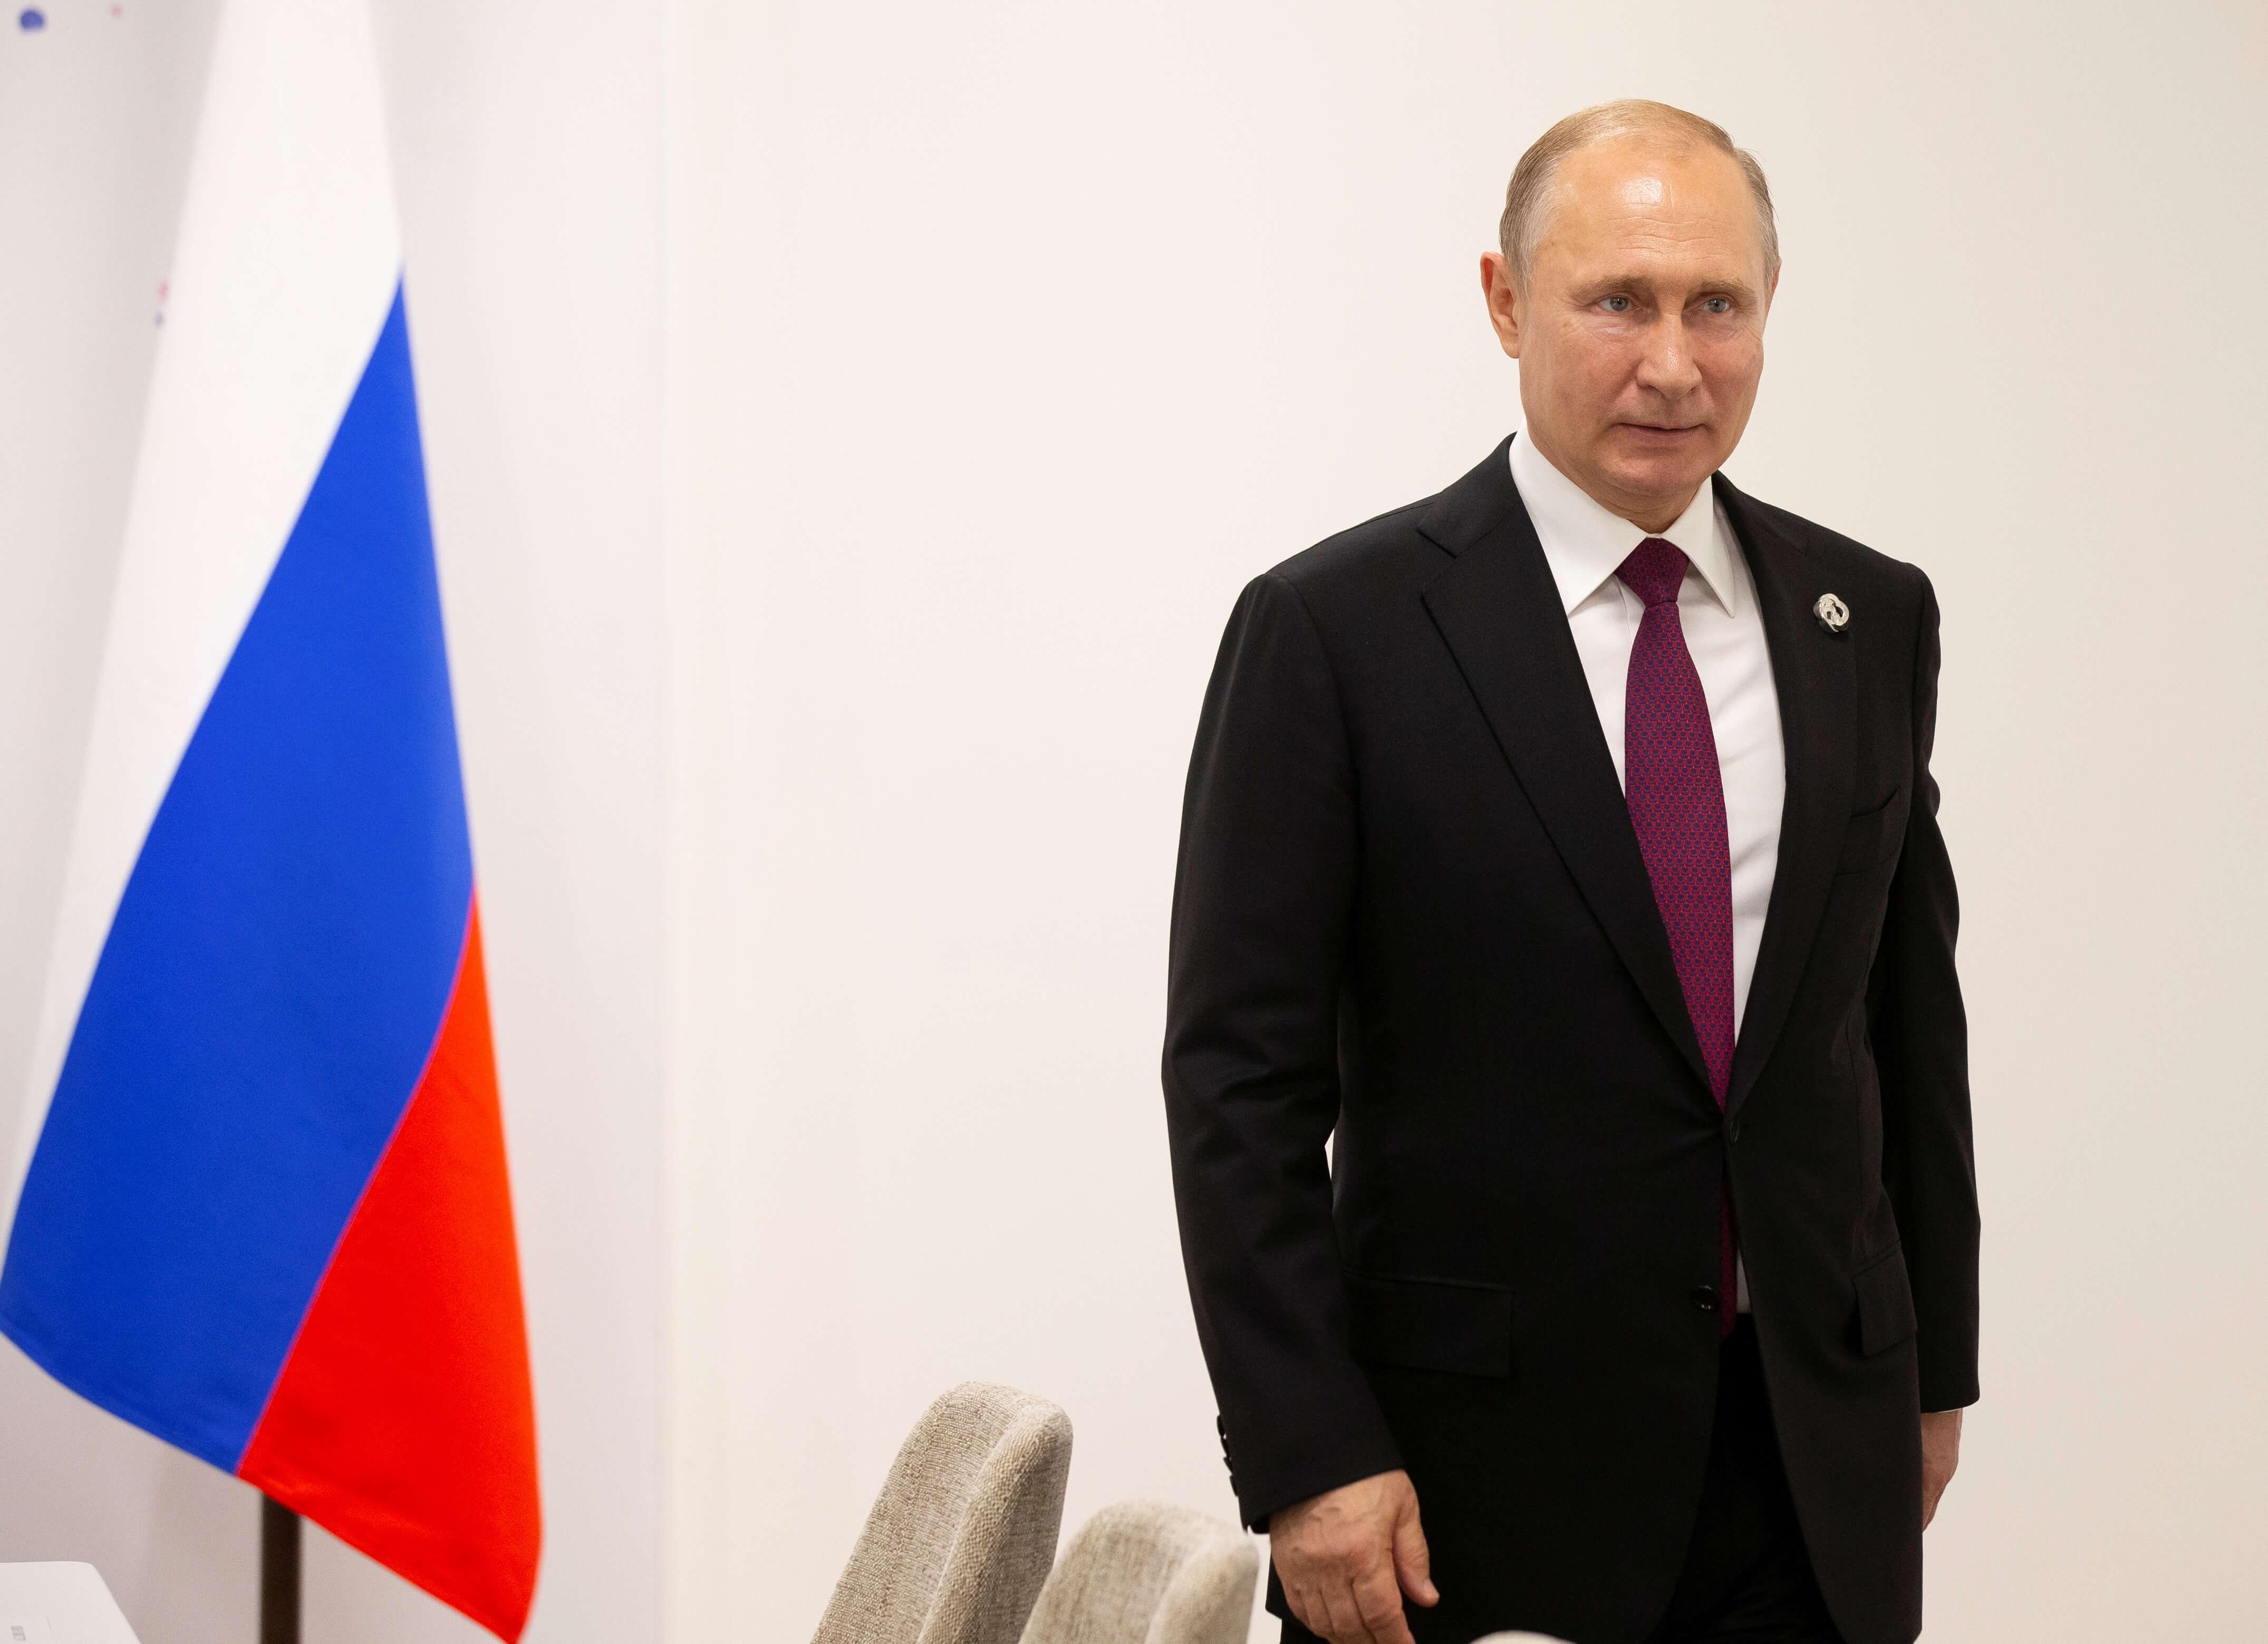 Το… αλλάζει τώρα η Ρωσία – Παραδέχεται ότι ο κατάσκοπος της CIA εργαζόταν στην προεδρία